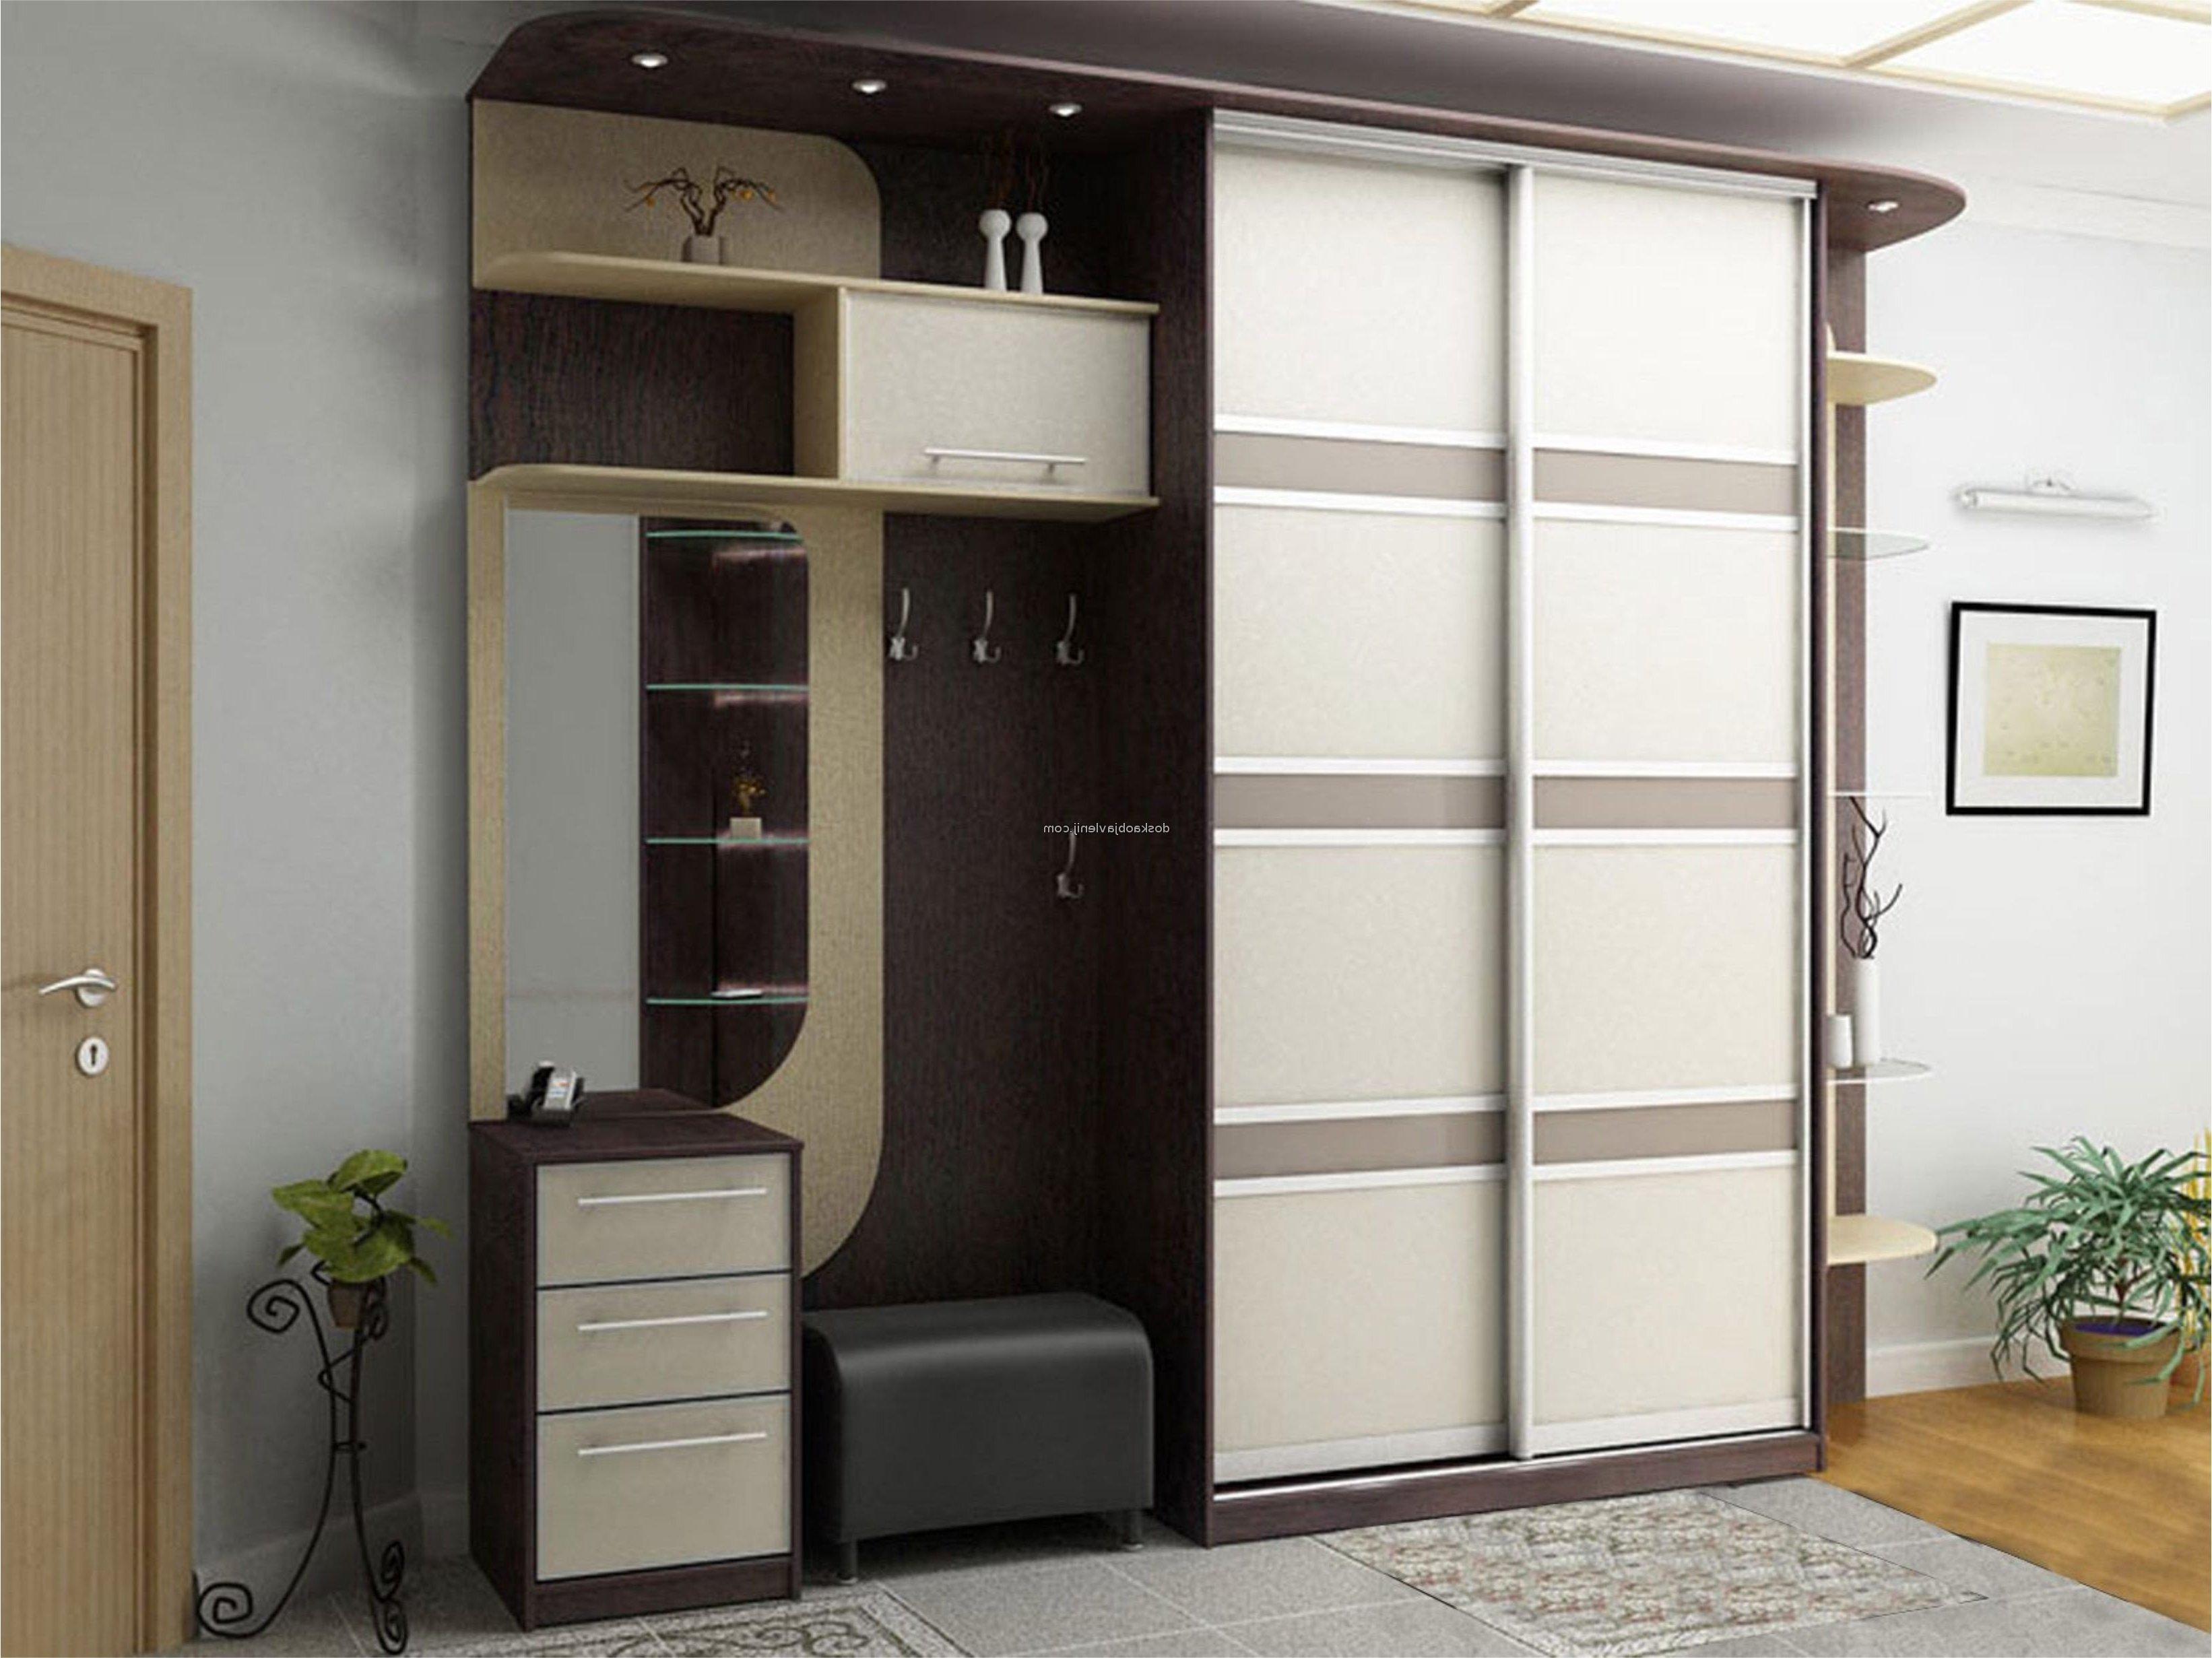 Мебель в одессе: шкафы купе.